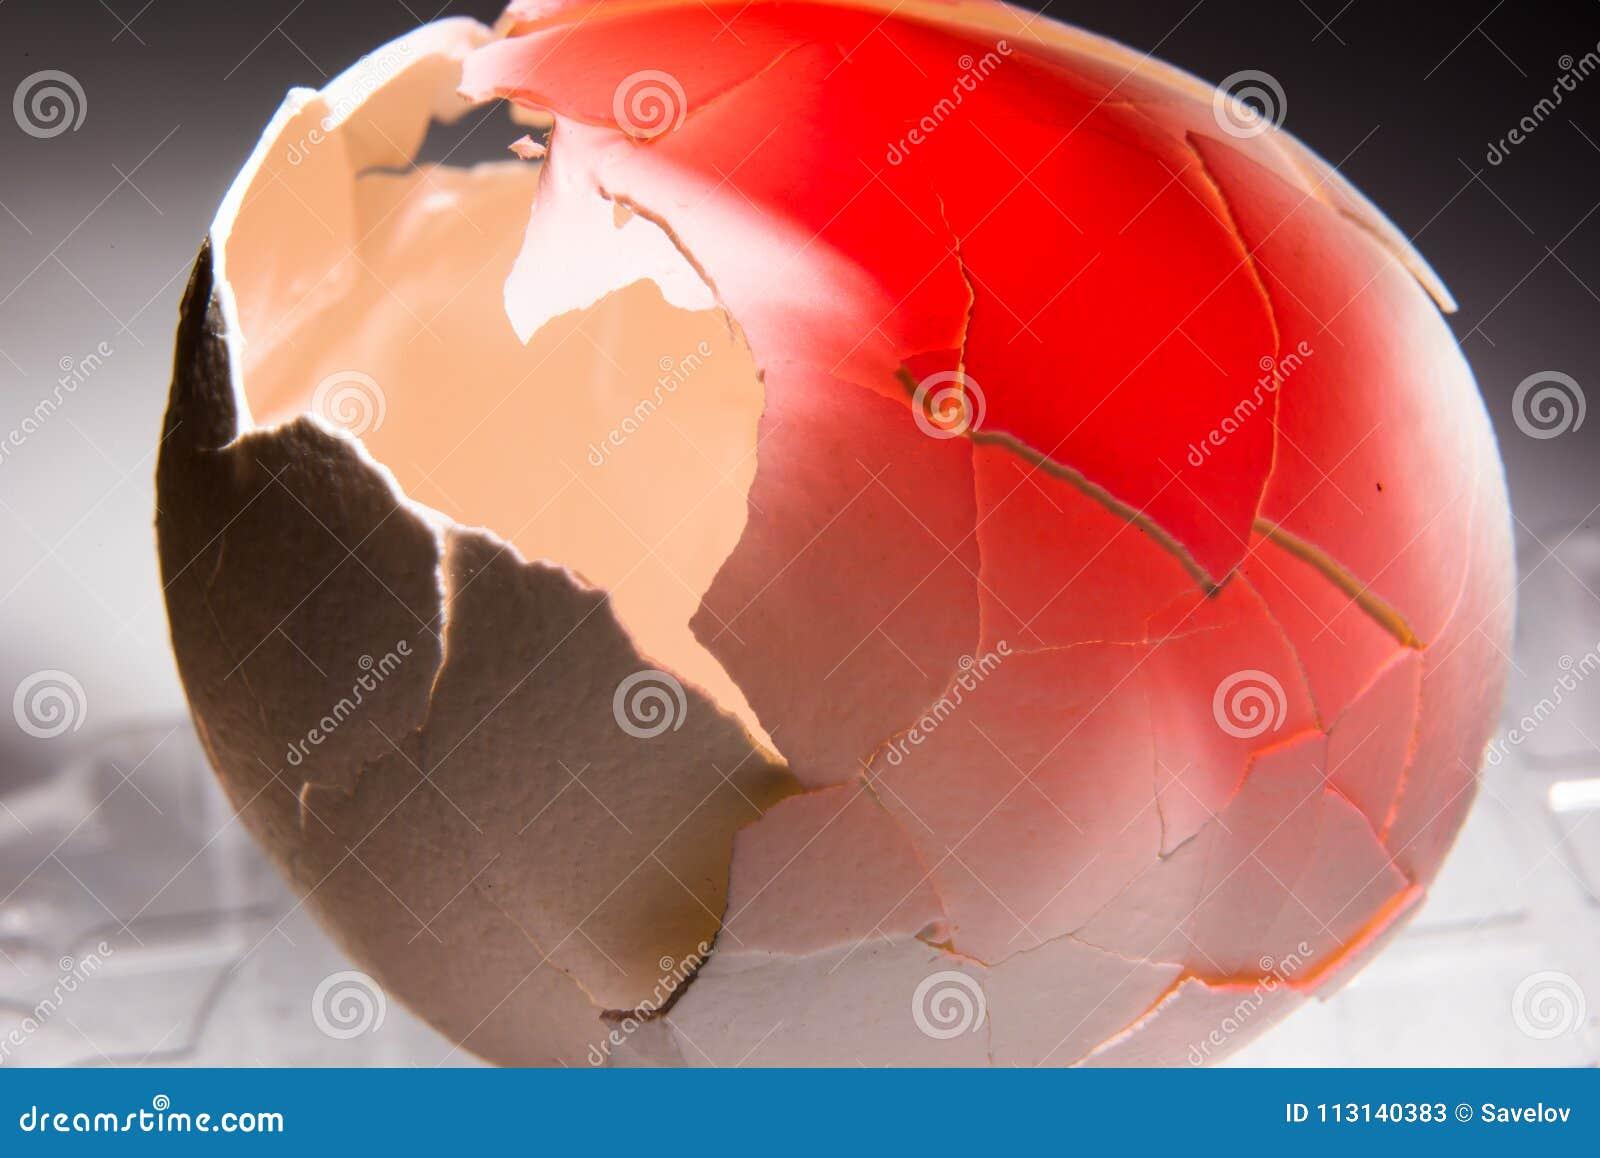 De gebarsten eierschaal voerde met rood, concept tegen abortus en slechte houding tegenover dieren